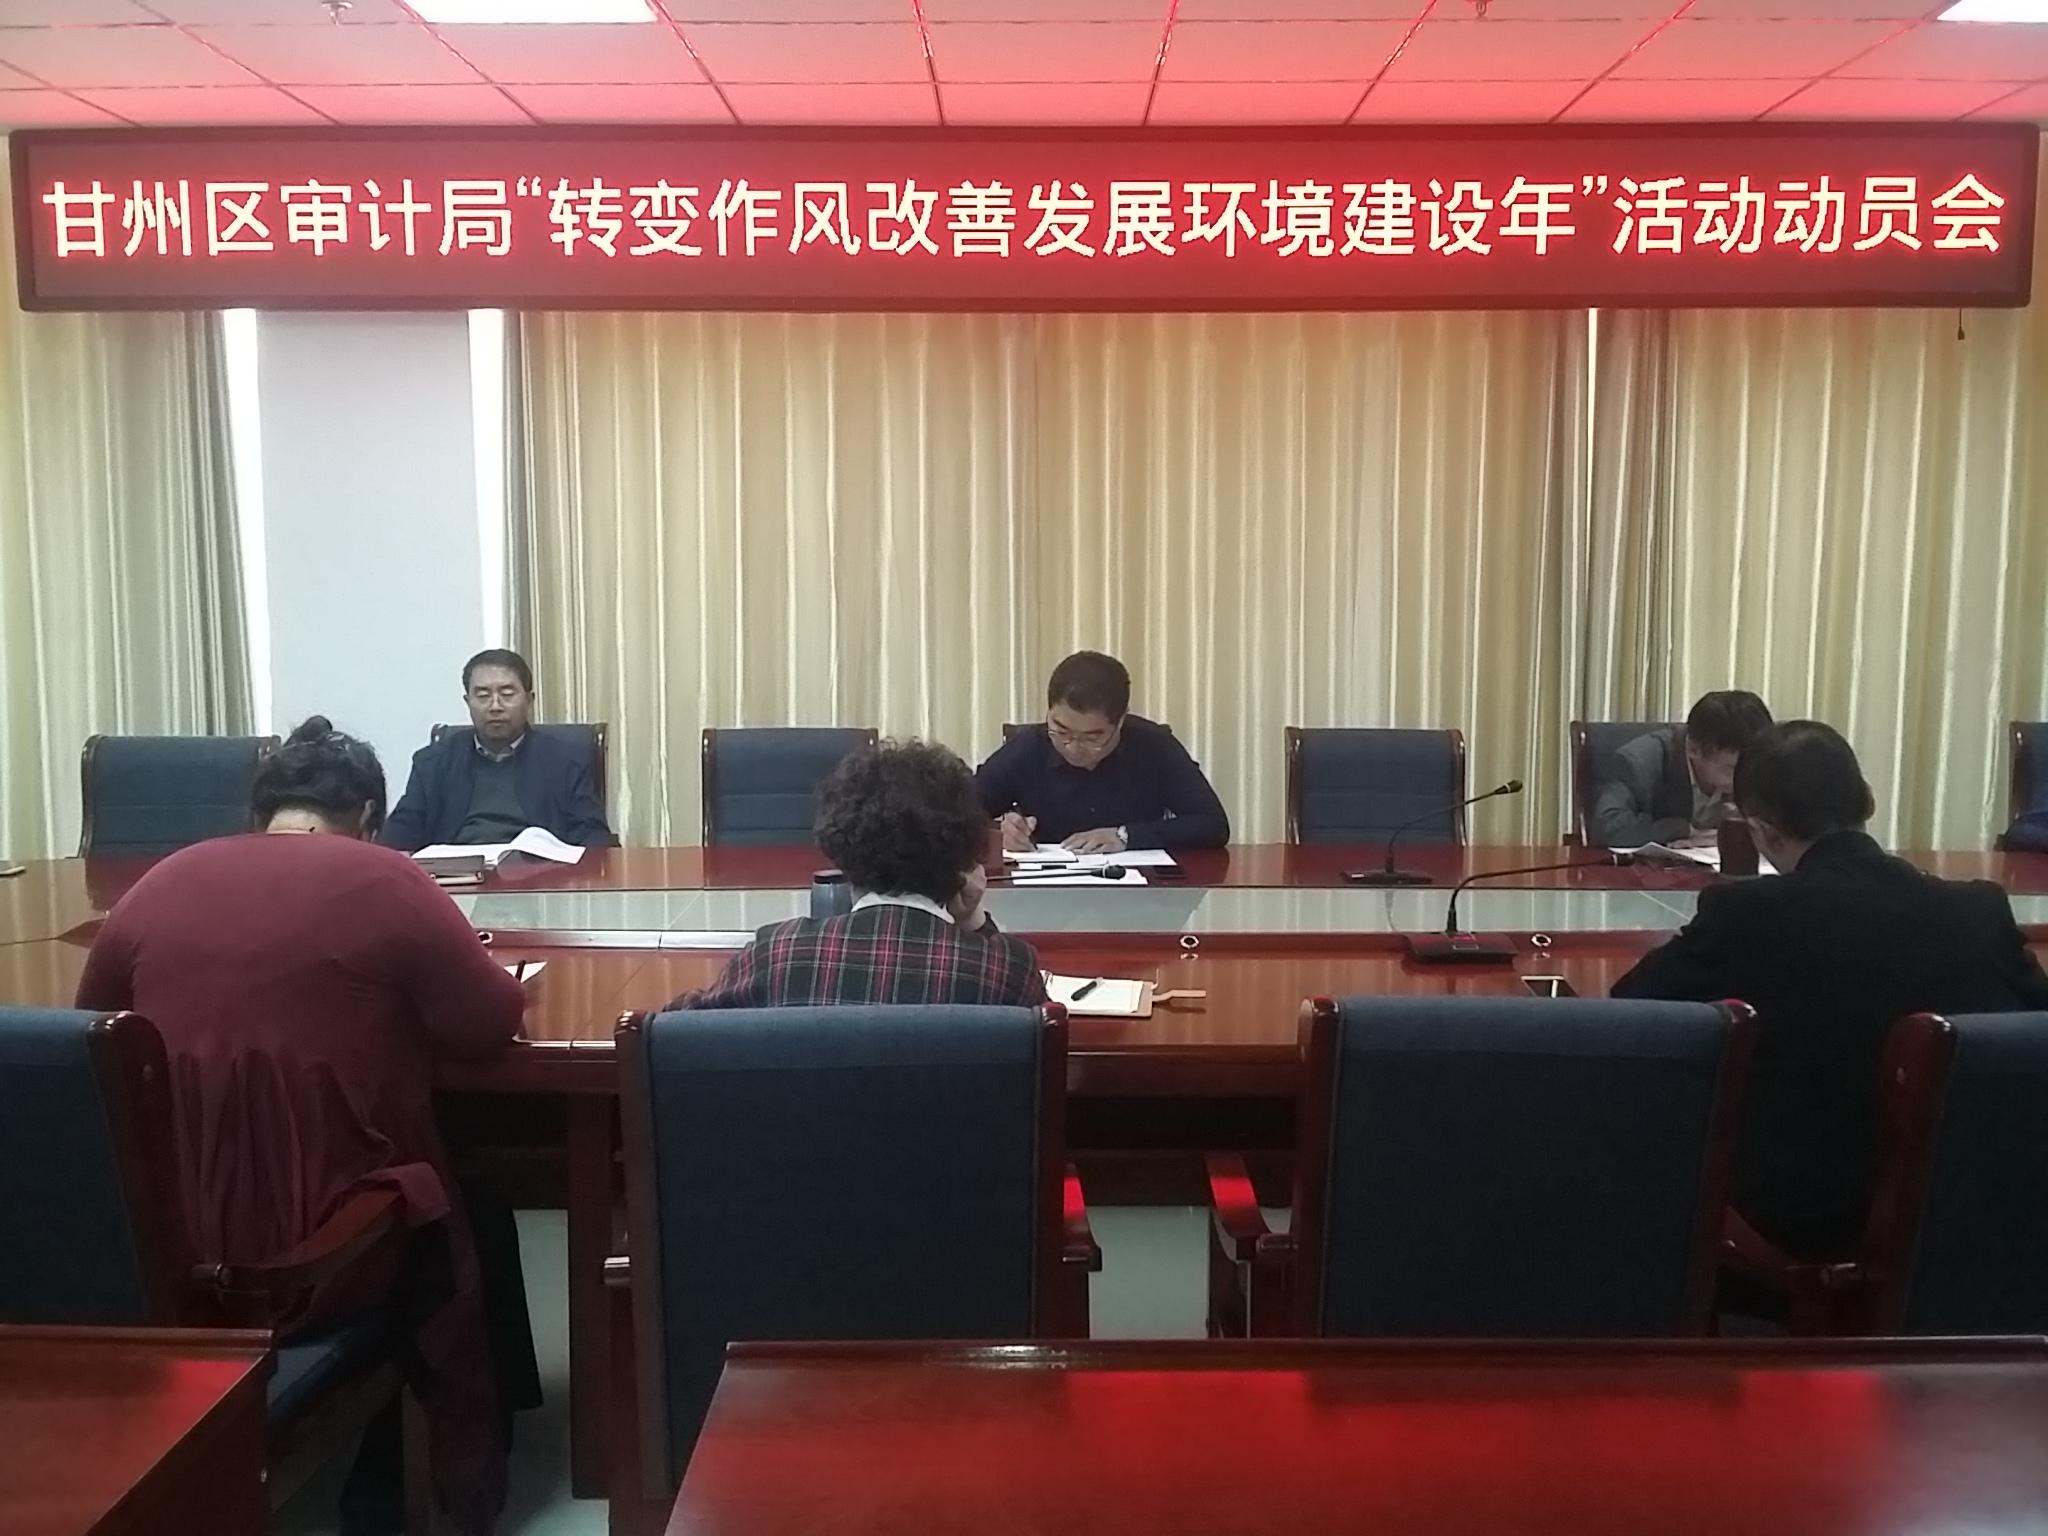 """甘州区审计局 召开""""转变作风改善发展环境建设年""""活动动员会议"""